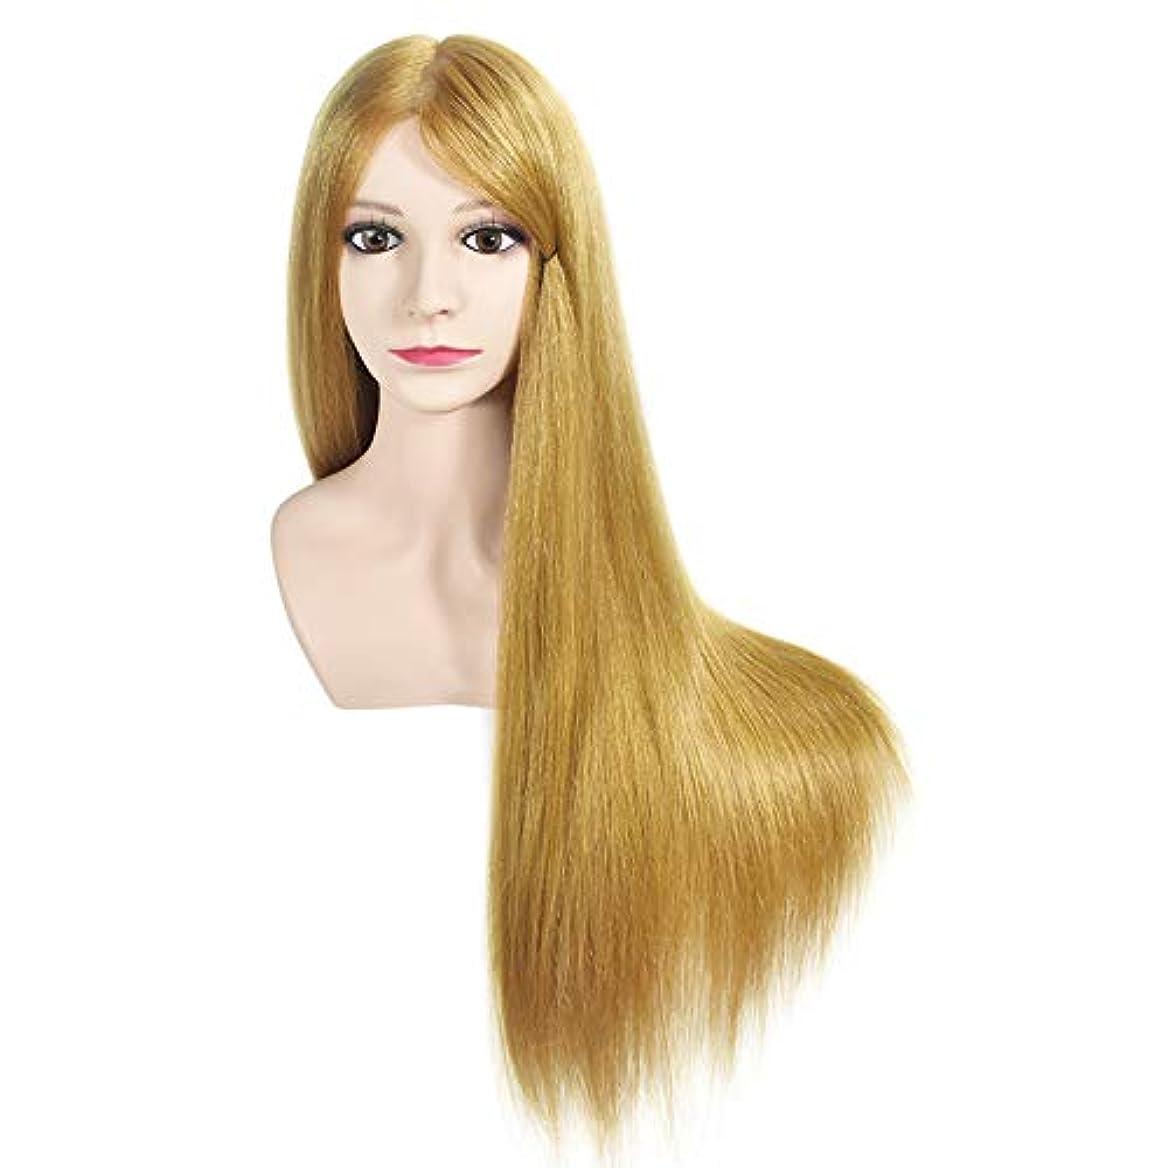 私たち変装びっくりしたサロンヘアブレイド理髪指導ヘッドスタイリング散髪ダミーヘッド化粧学習ショルダーマネキンヘッド